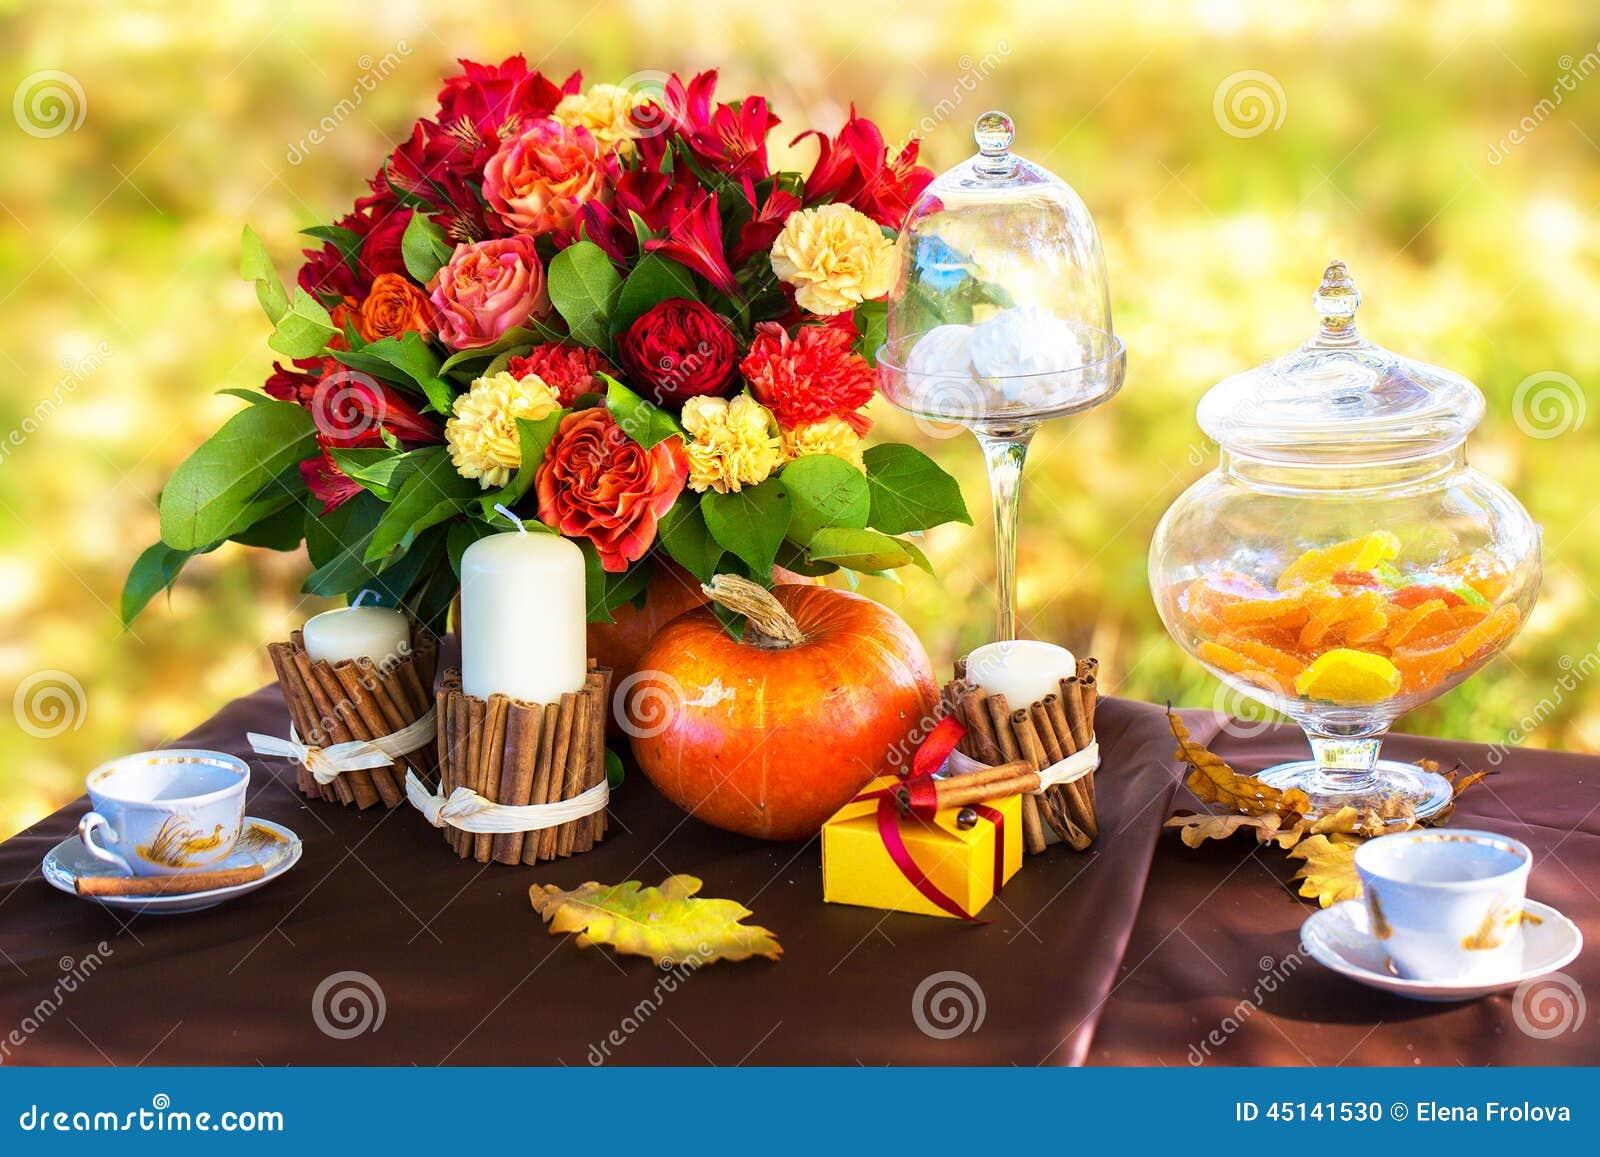 table d cor e pour un d ner romantique en parc d 39 automne photo stock image 45141530. Black Bedroom Furniture Sets. Home Design Ideas